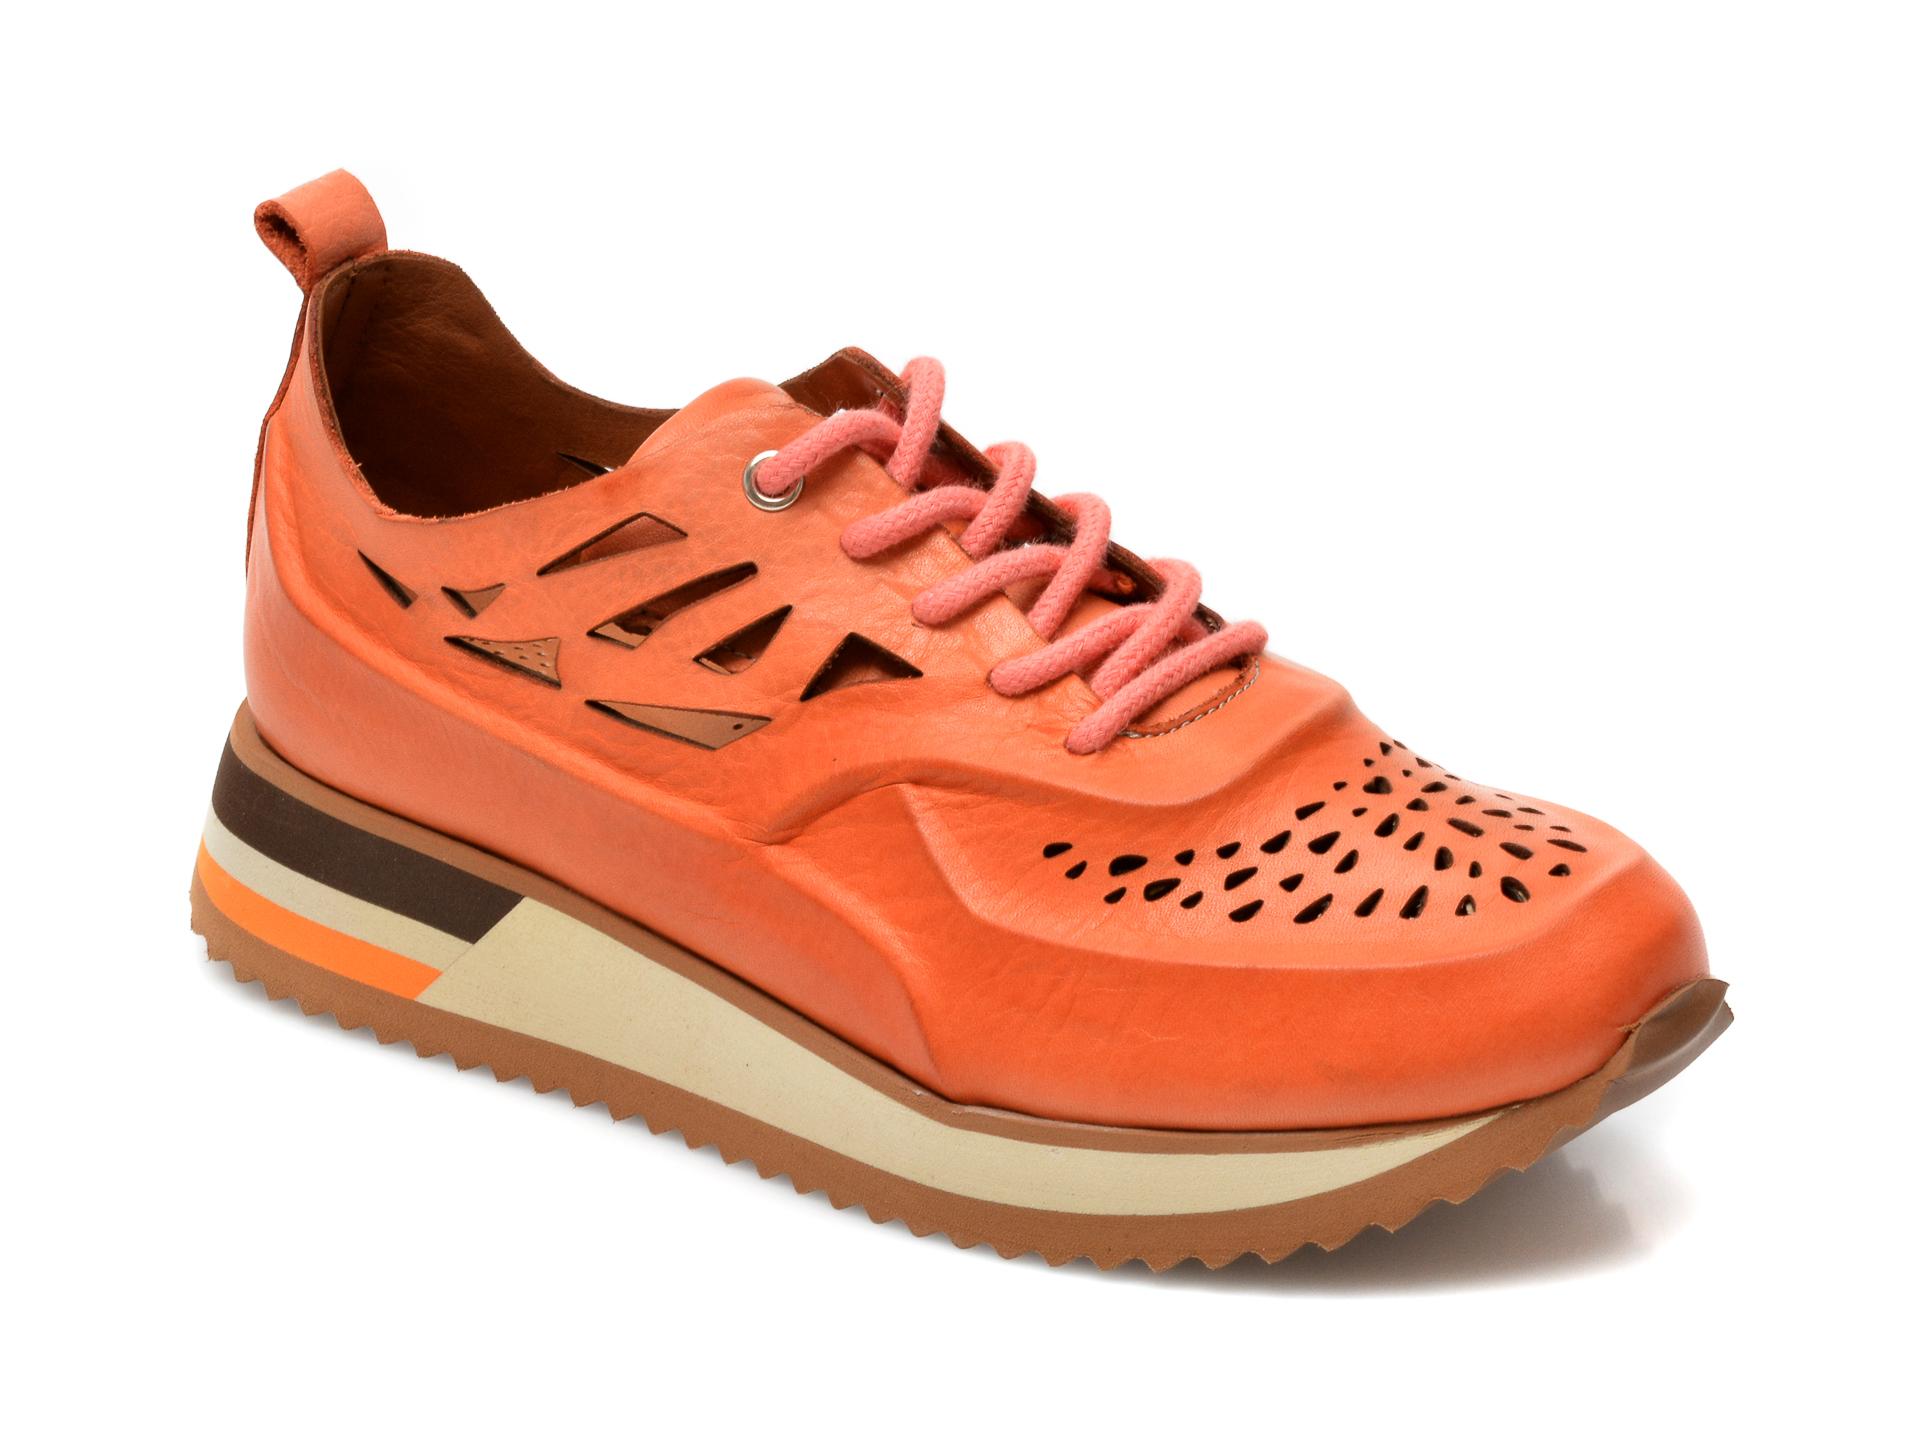 Pantofi FLAVIA PASSINI portocalii, V1775A, din piele naturala imagine otter.ro 2021